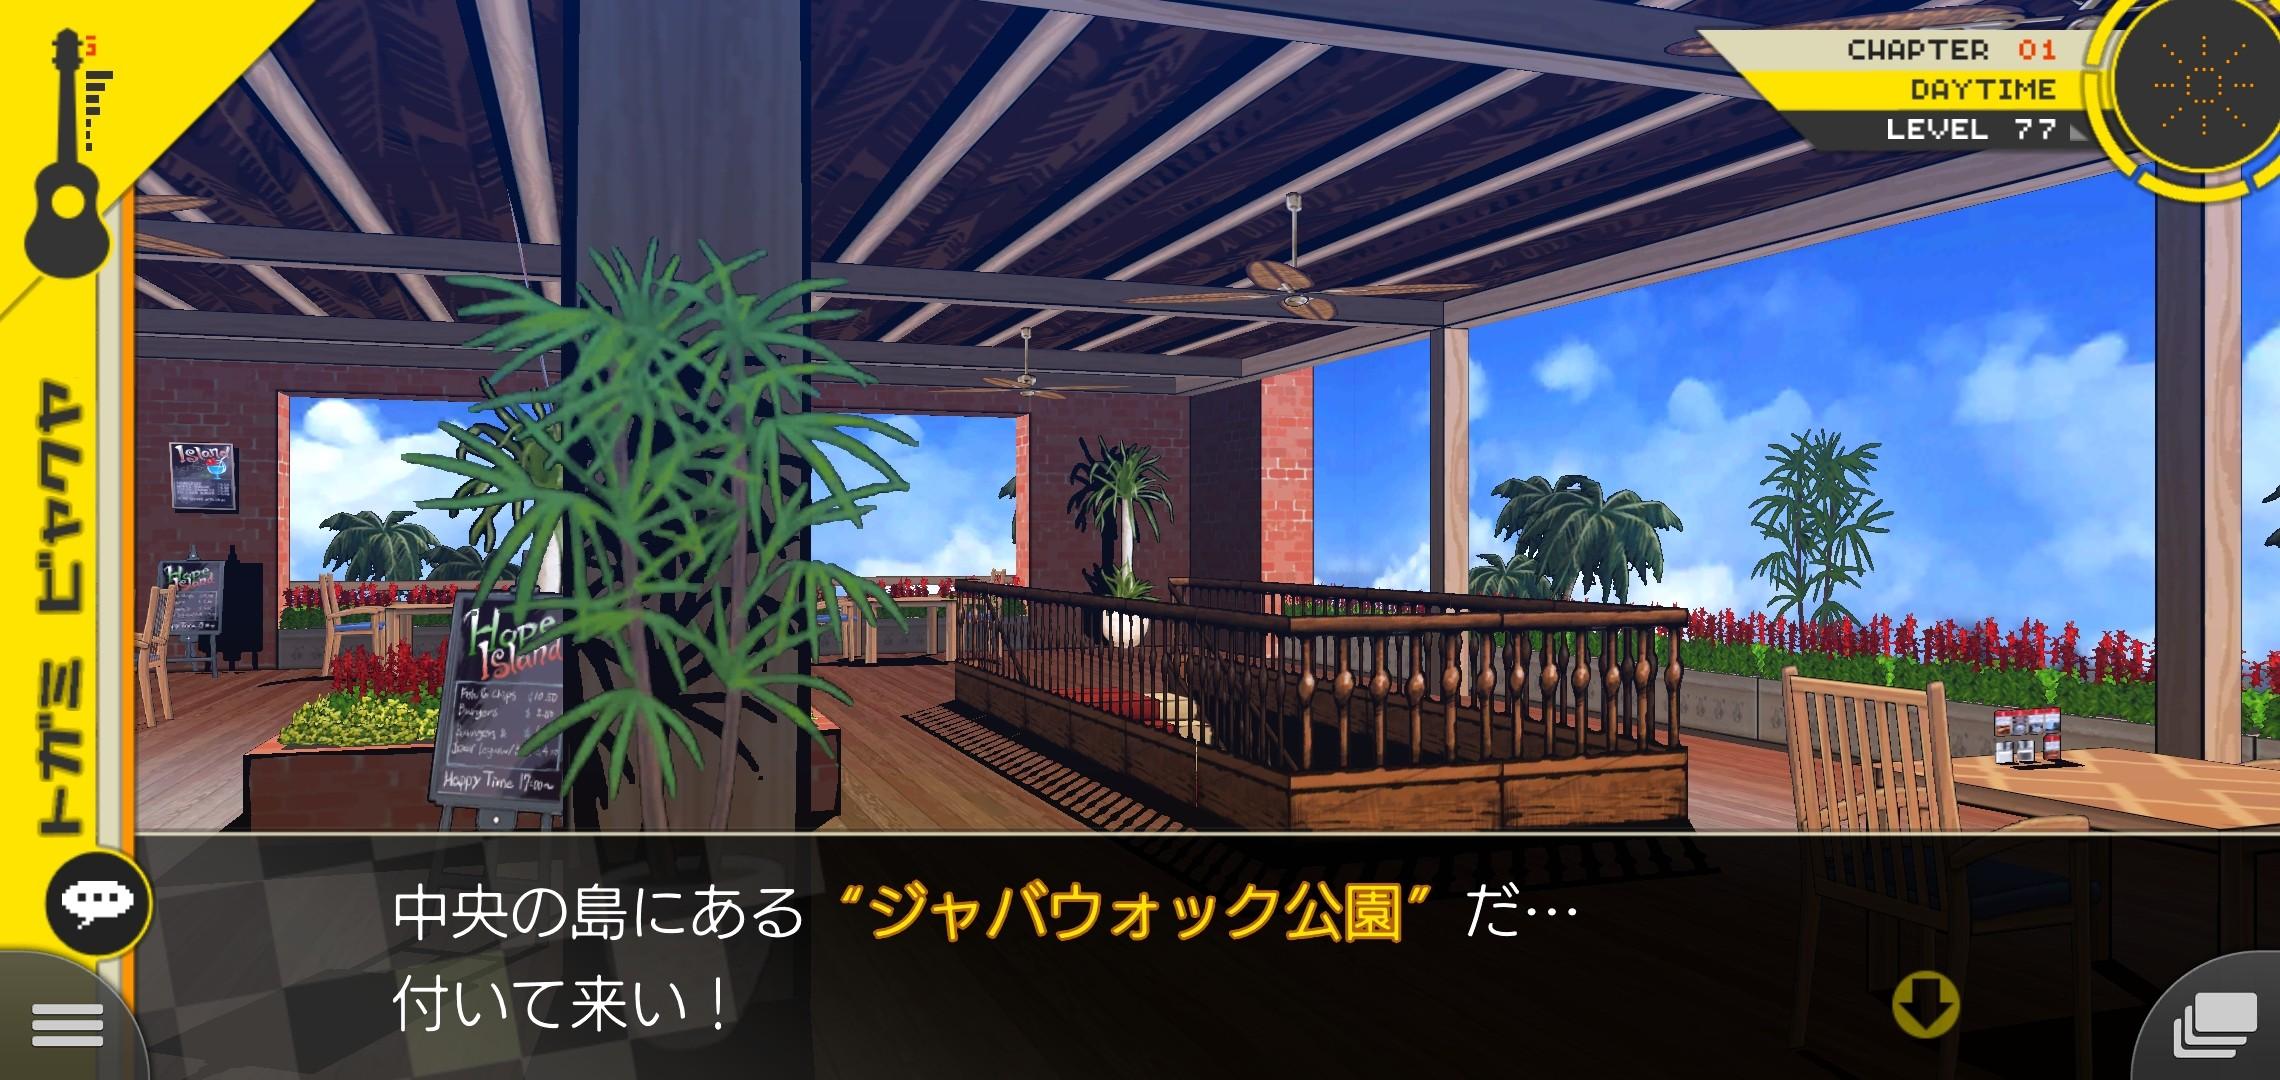 f:id:Rinburu:20201128172449j:plain